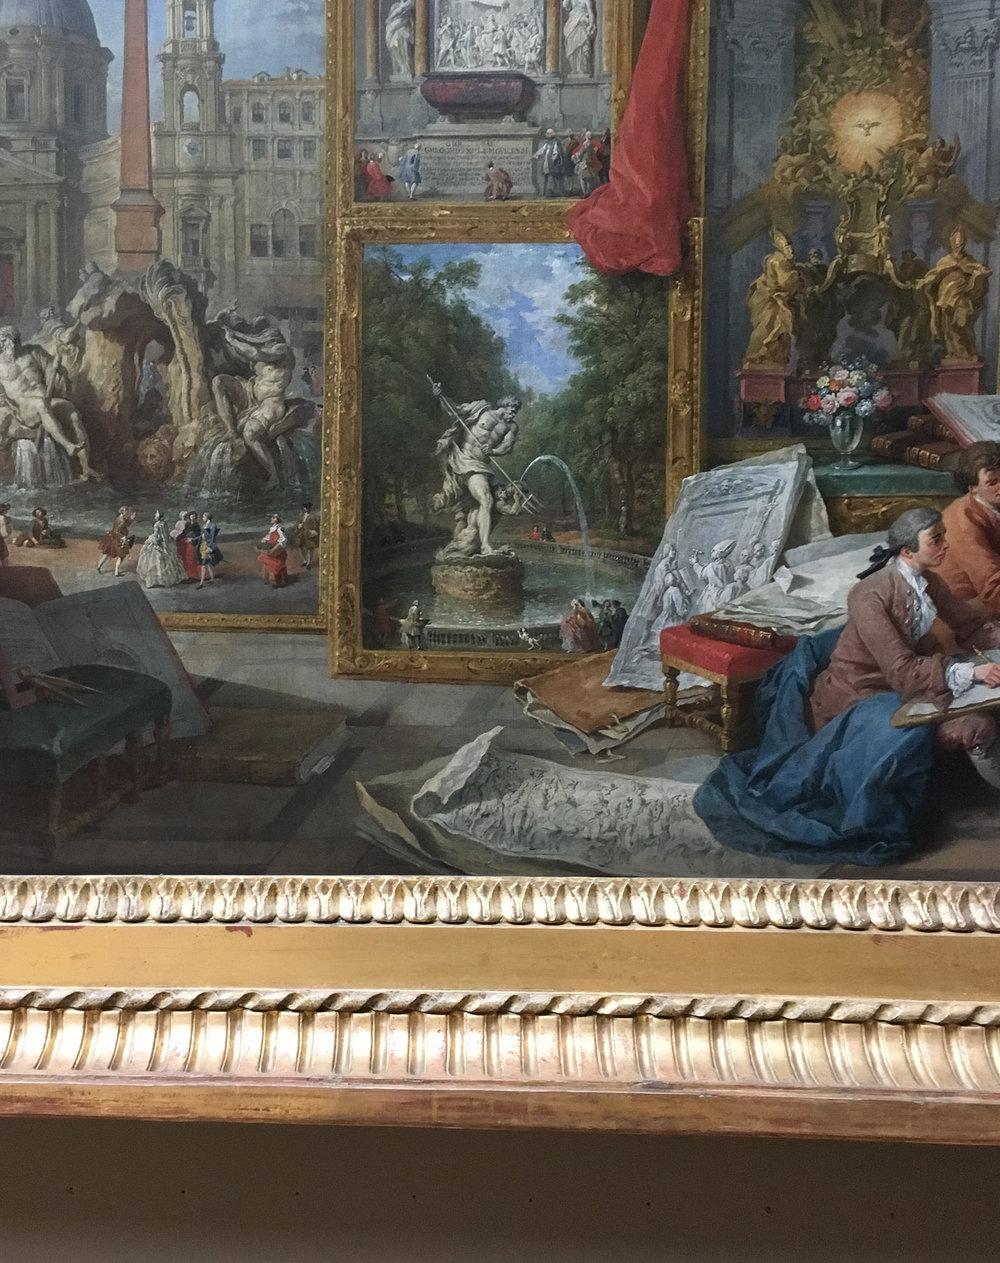 DAP - I like art with dogs - -8580.jpg